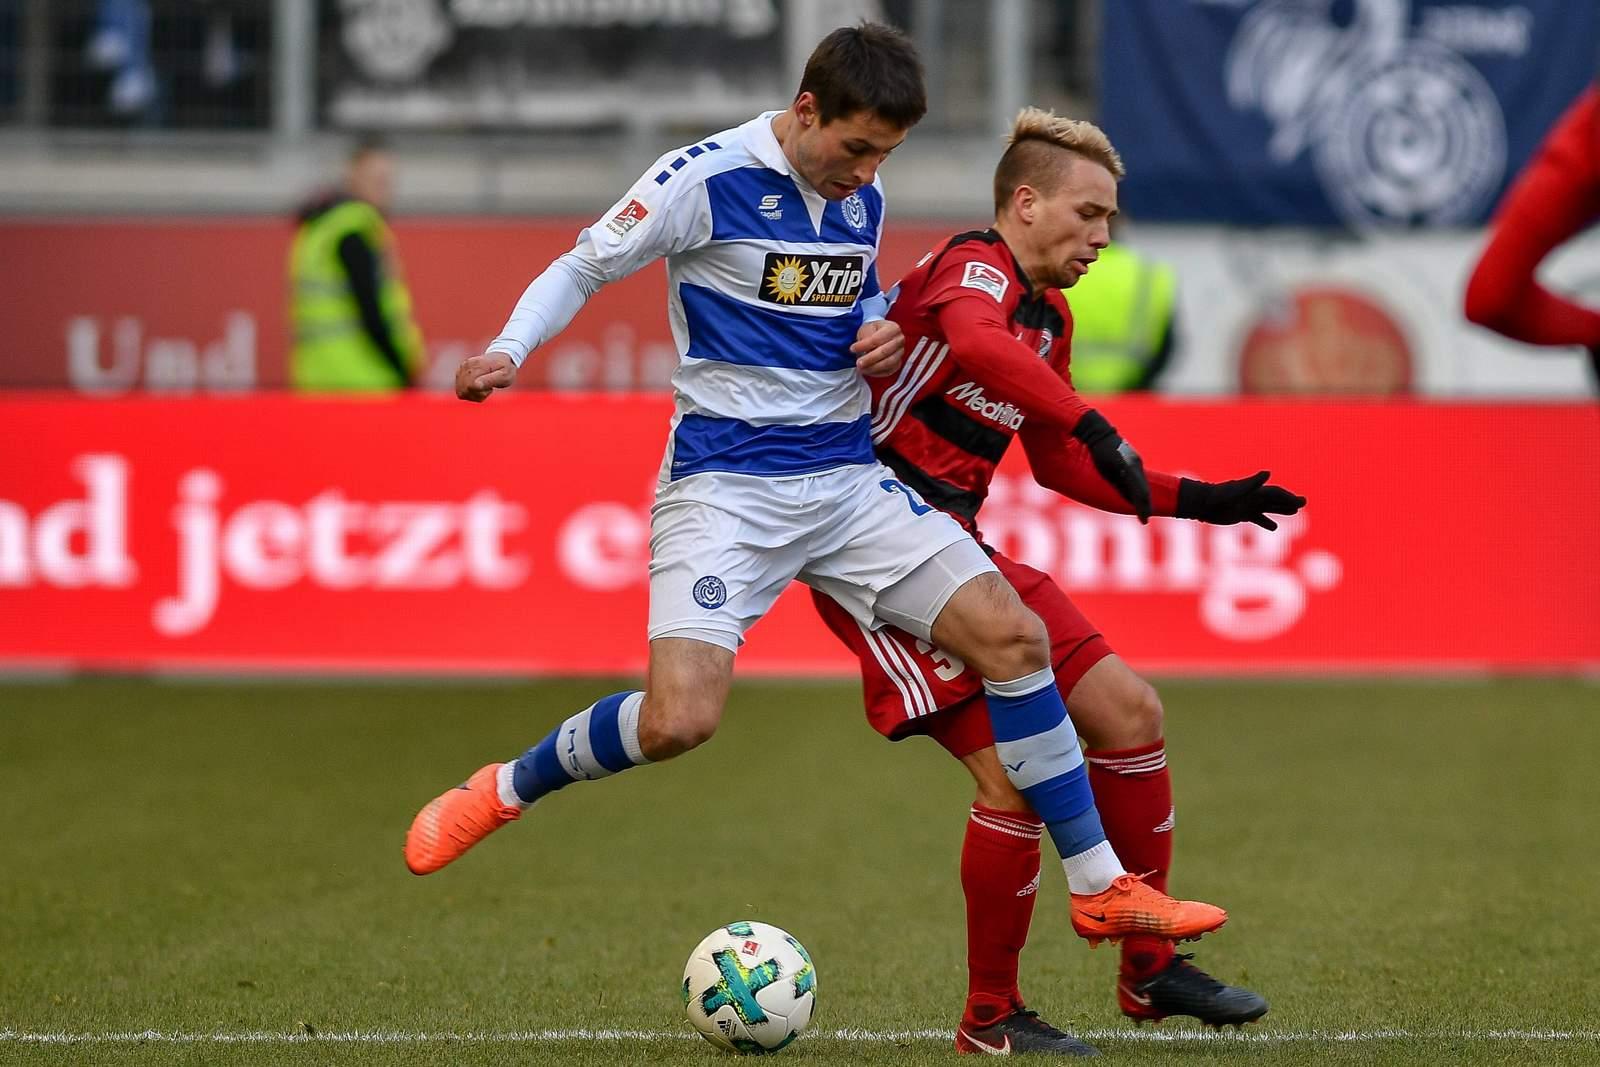 Setzt sich Thomas Pledl gegen Fabian Schnellhardt durch? Jetzt auf Ingolstadt gegen Duisburg wetten.